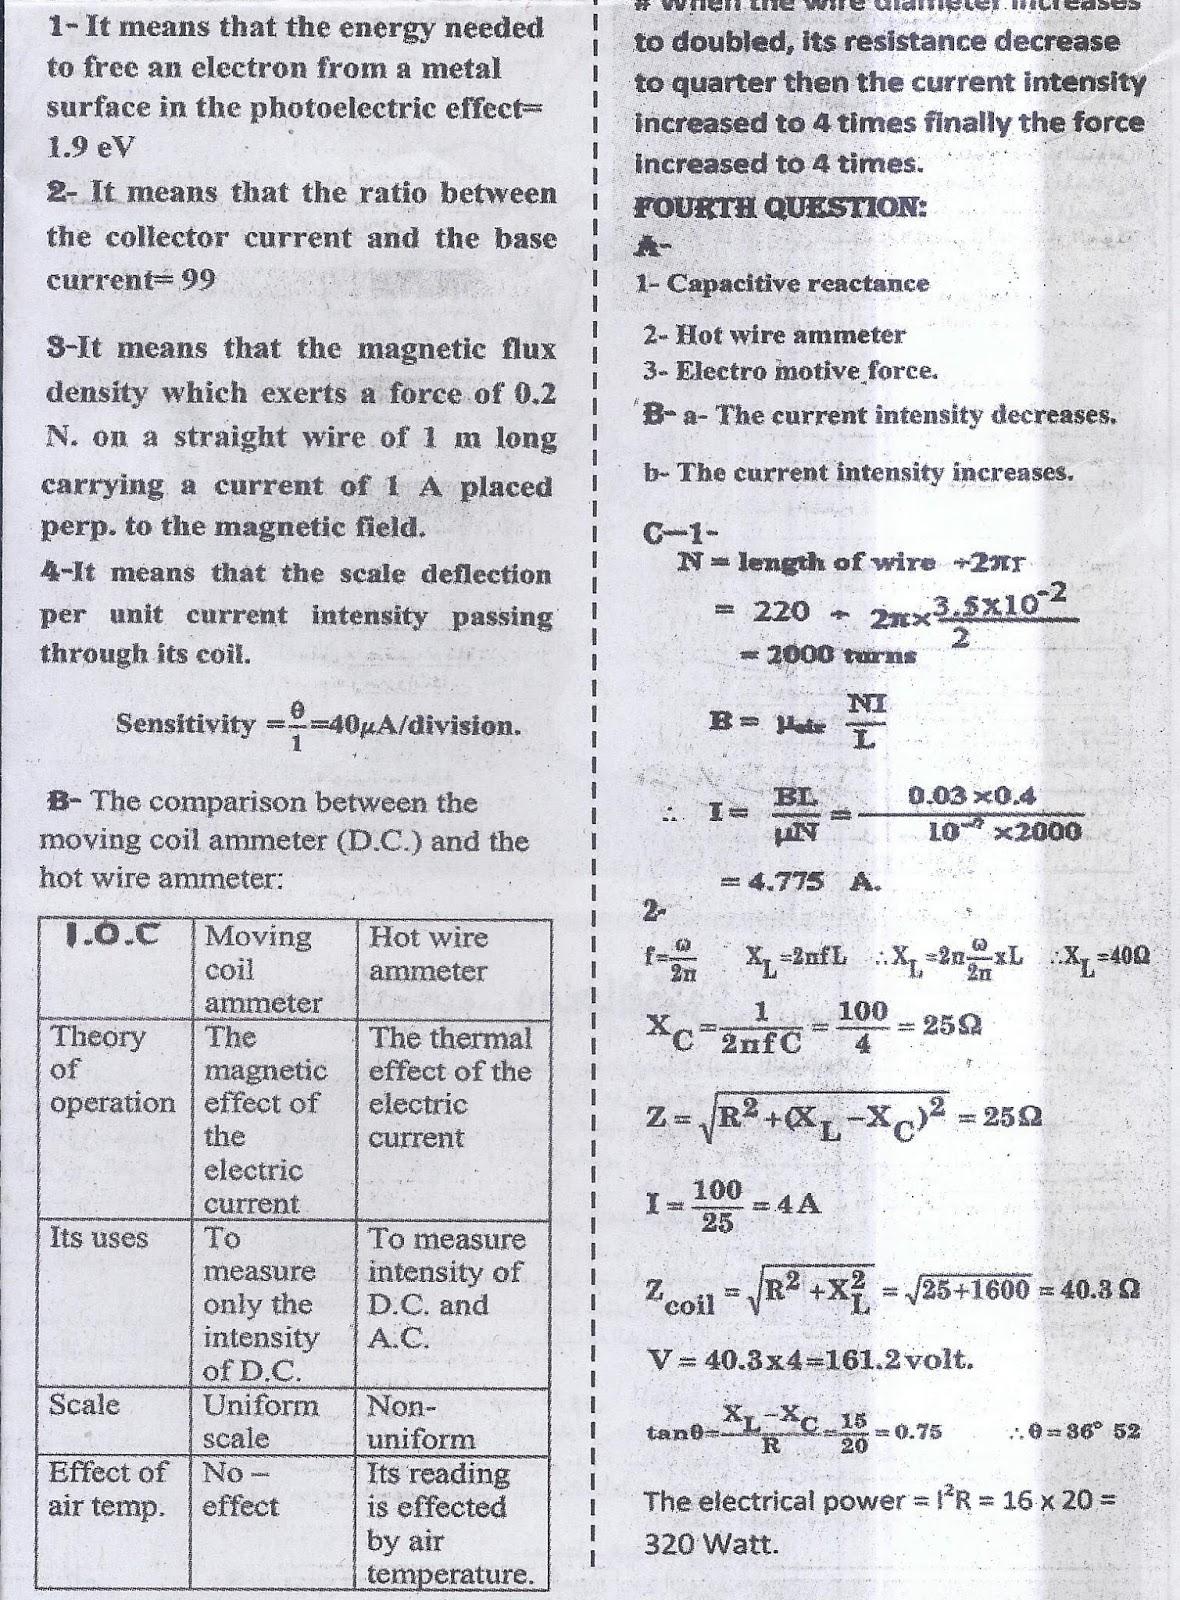 """مراجعة فيزياء .. اهم اسئلة علل واهم المسائل والرسومات البيانية للثانوية العامة """"عربي ولغات"""" 23"""